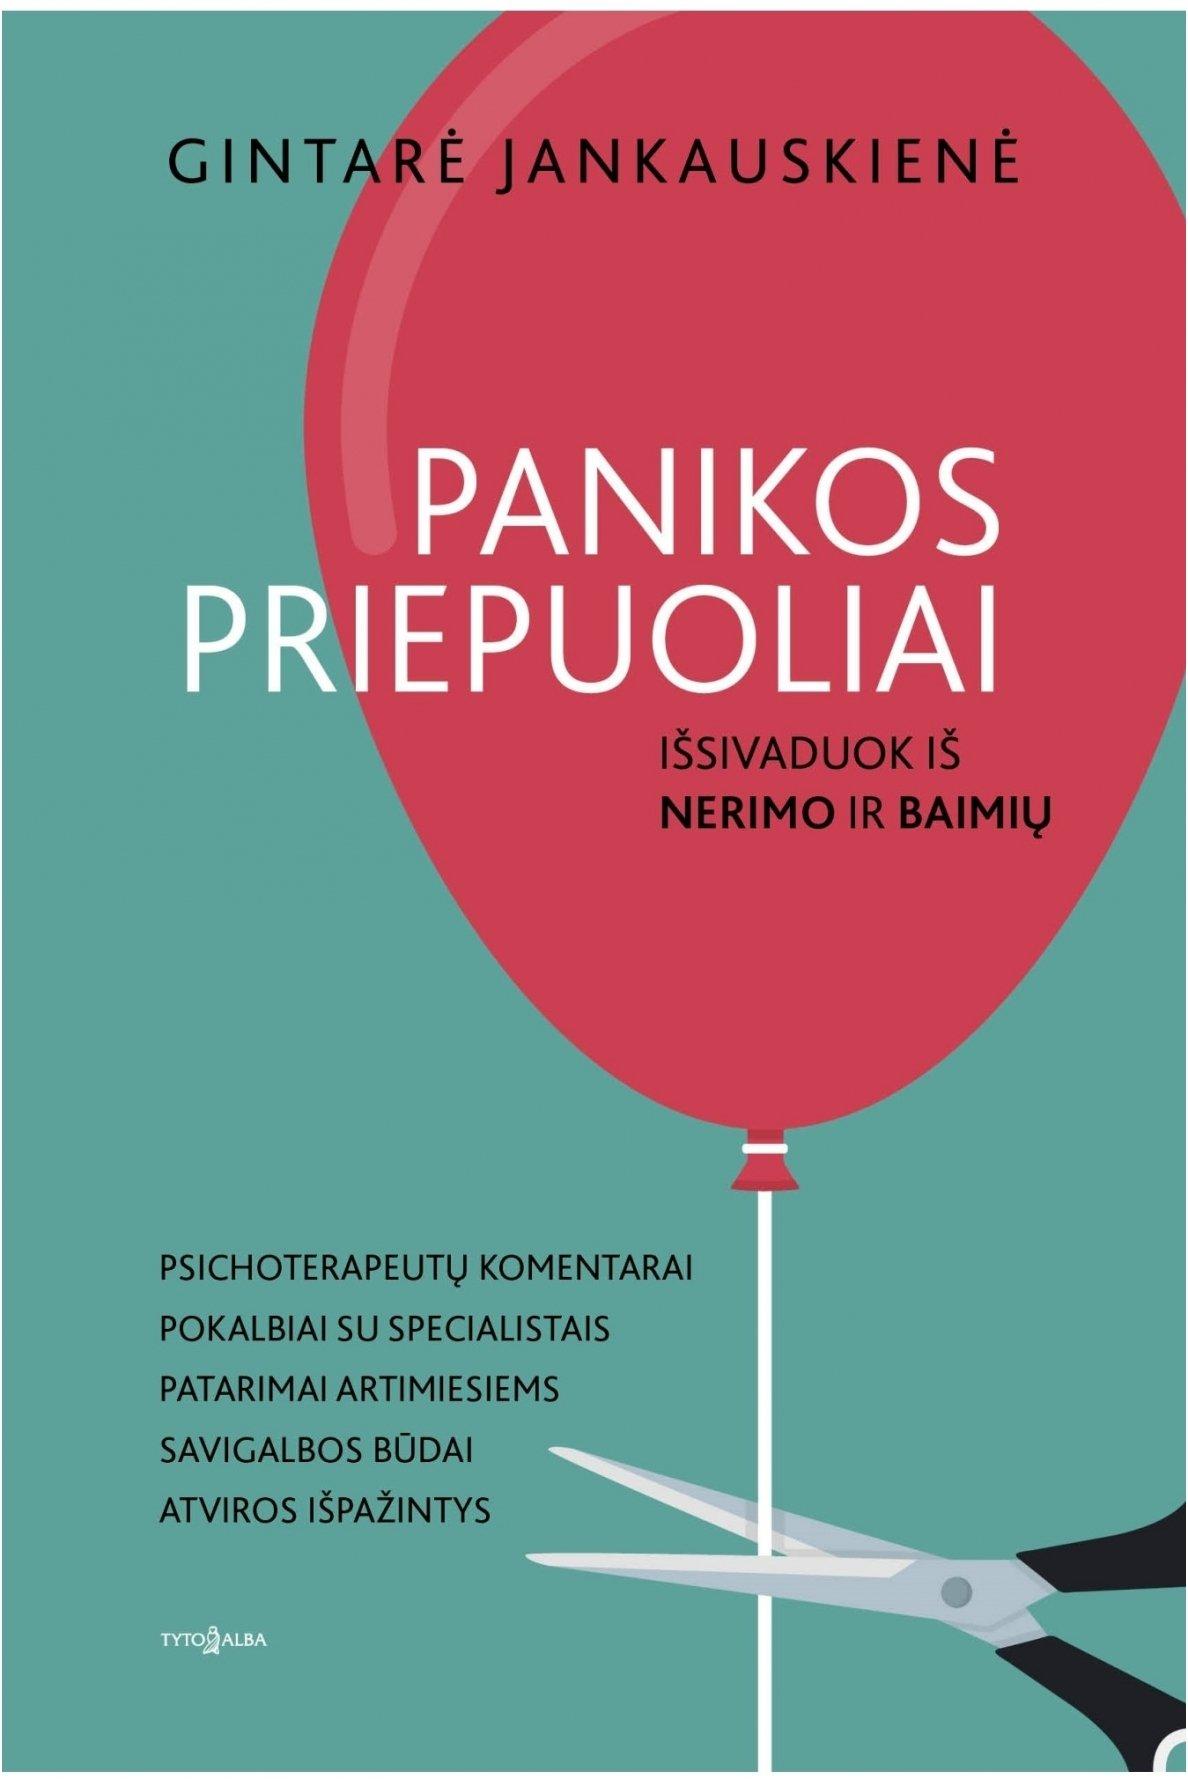 kaip atskirti hipertenziją nuo panikos priepuolių